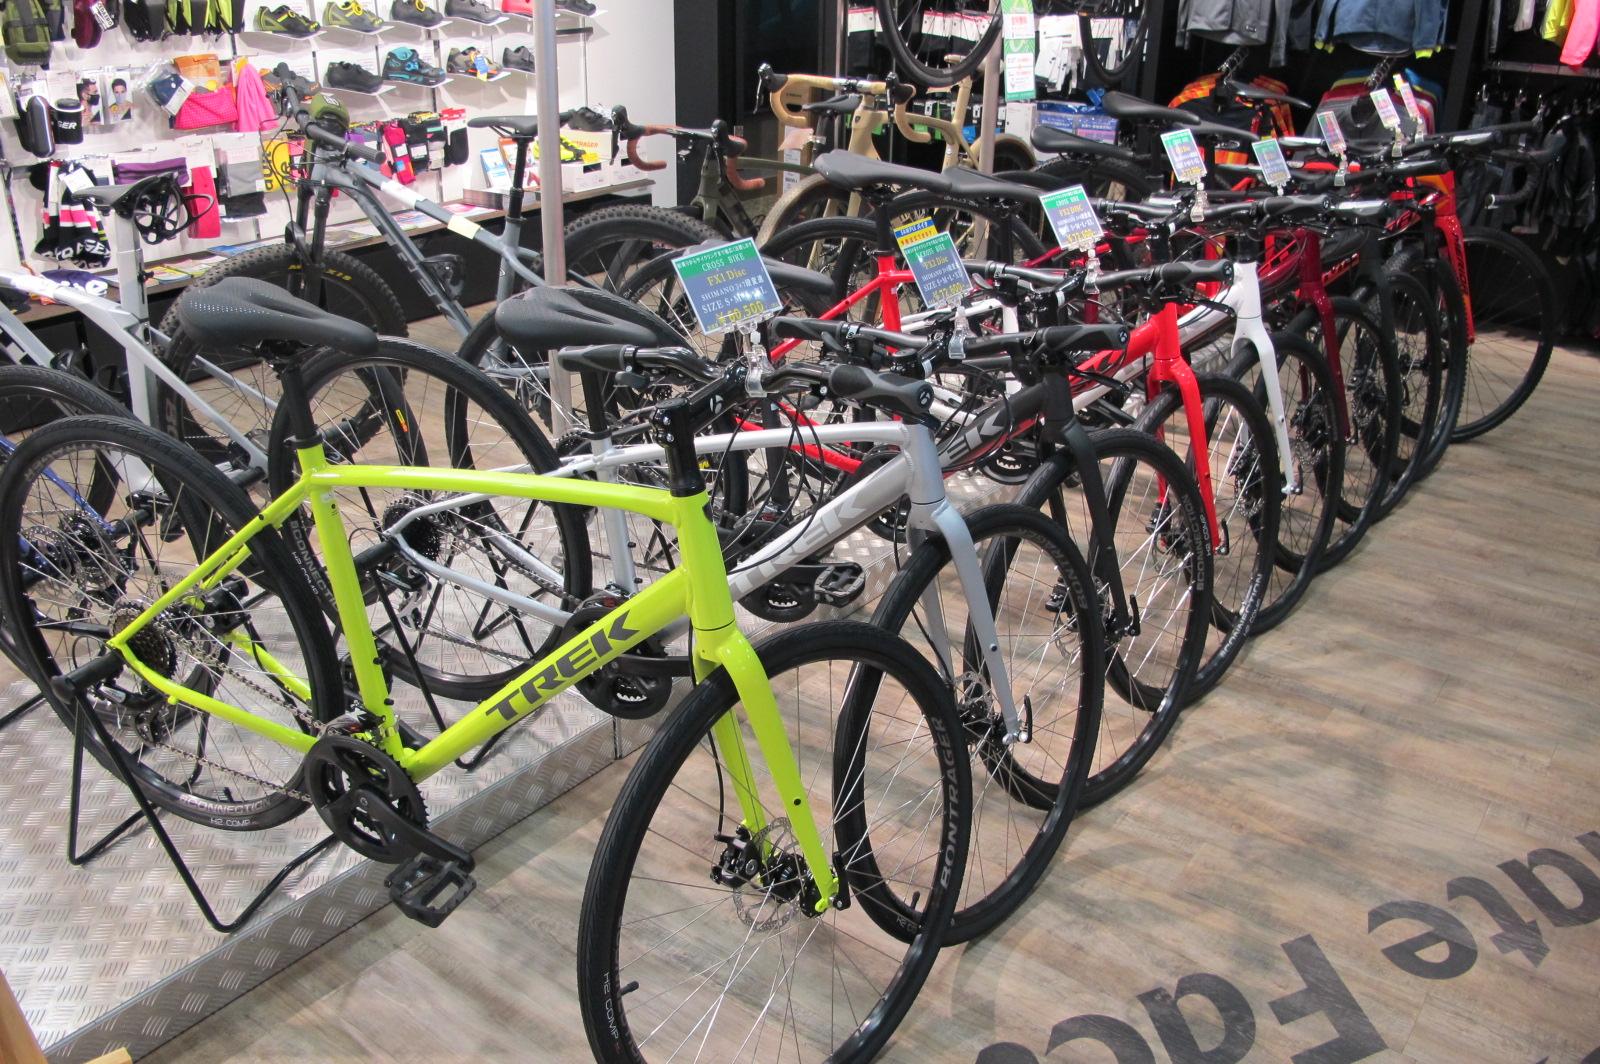 【宝塚店】今すぐ欲しい方必見!TREK スポーツバイク在庫状況。